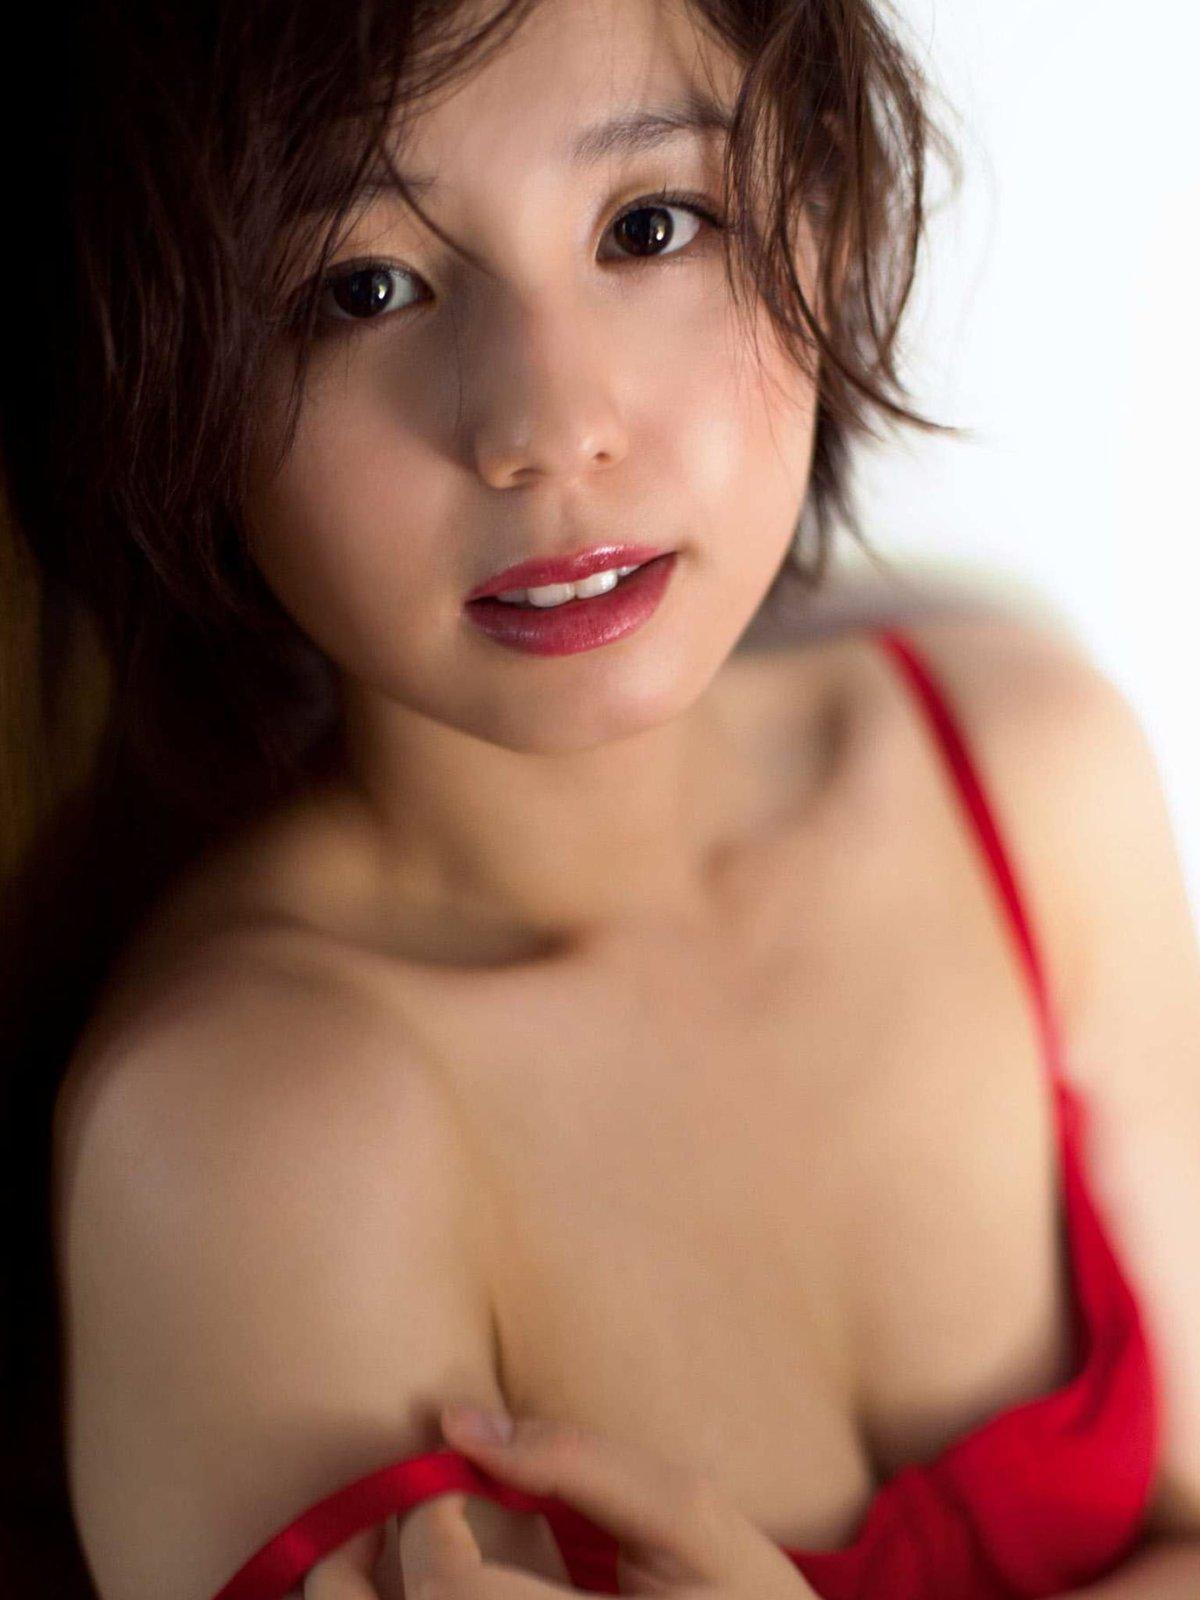 小池里奈 23歳になった食い込みプリケツ下着美尻セクシー画像